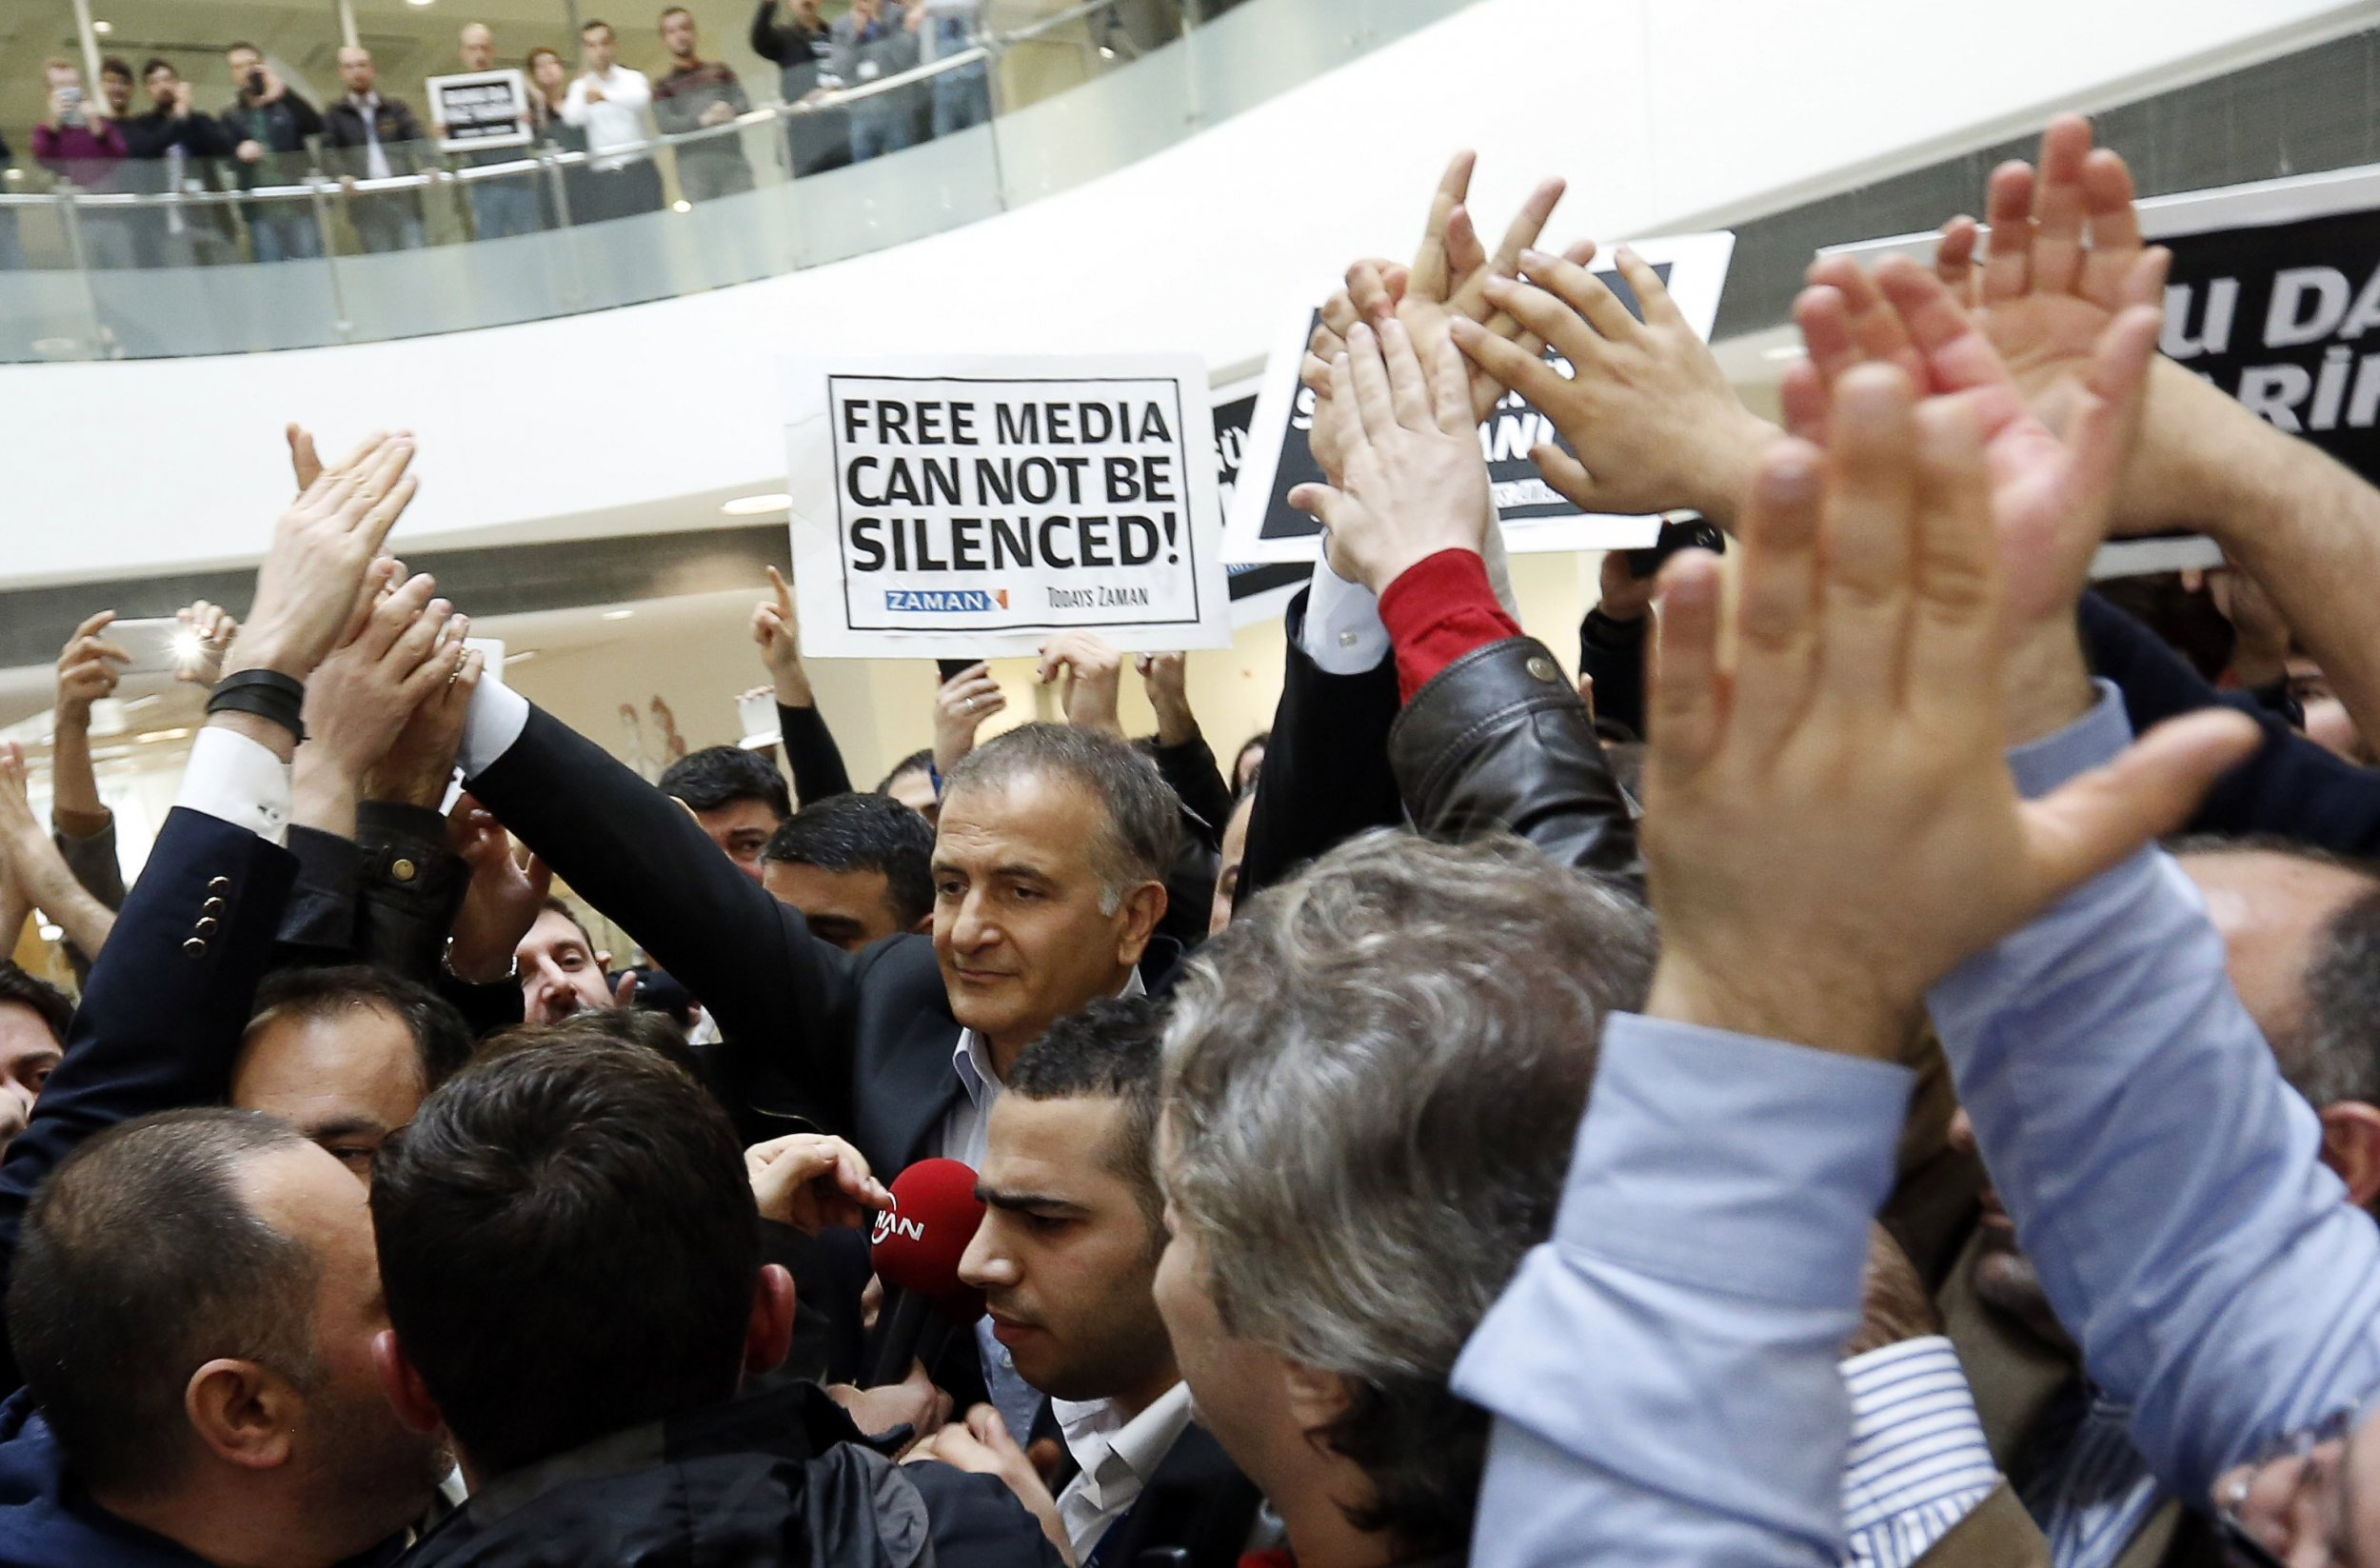 2014-12-14T141355Z_1_LYNXMPEABD0BD_RTROPTP_4_TURKEY-MEDIA